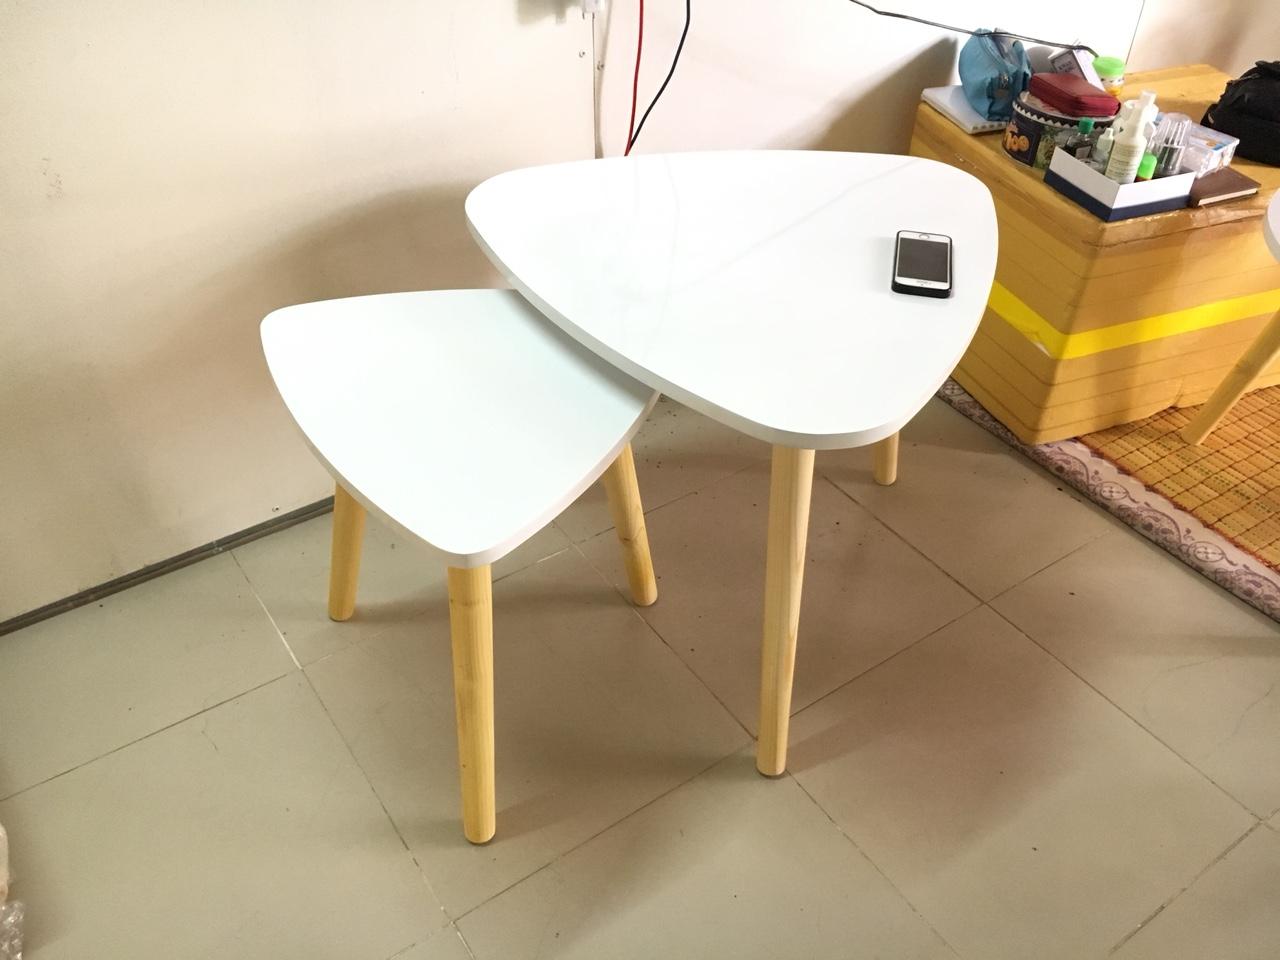 PK15 - Cặp bàn tam giác 60x45